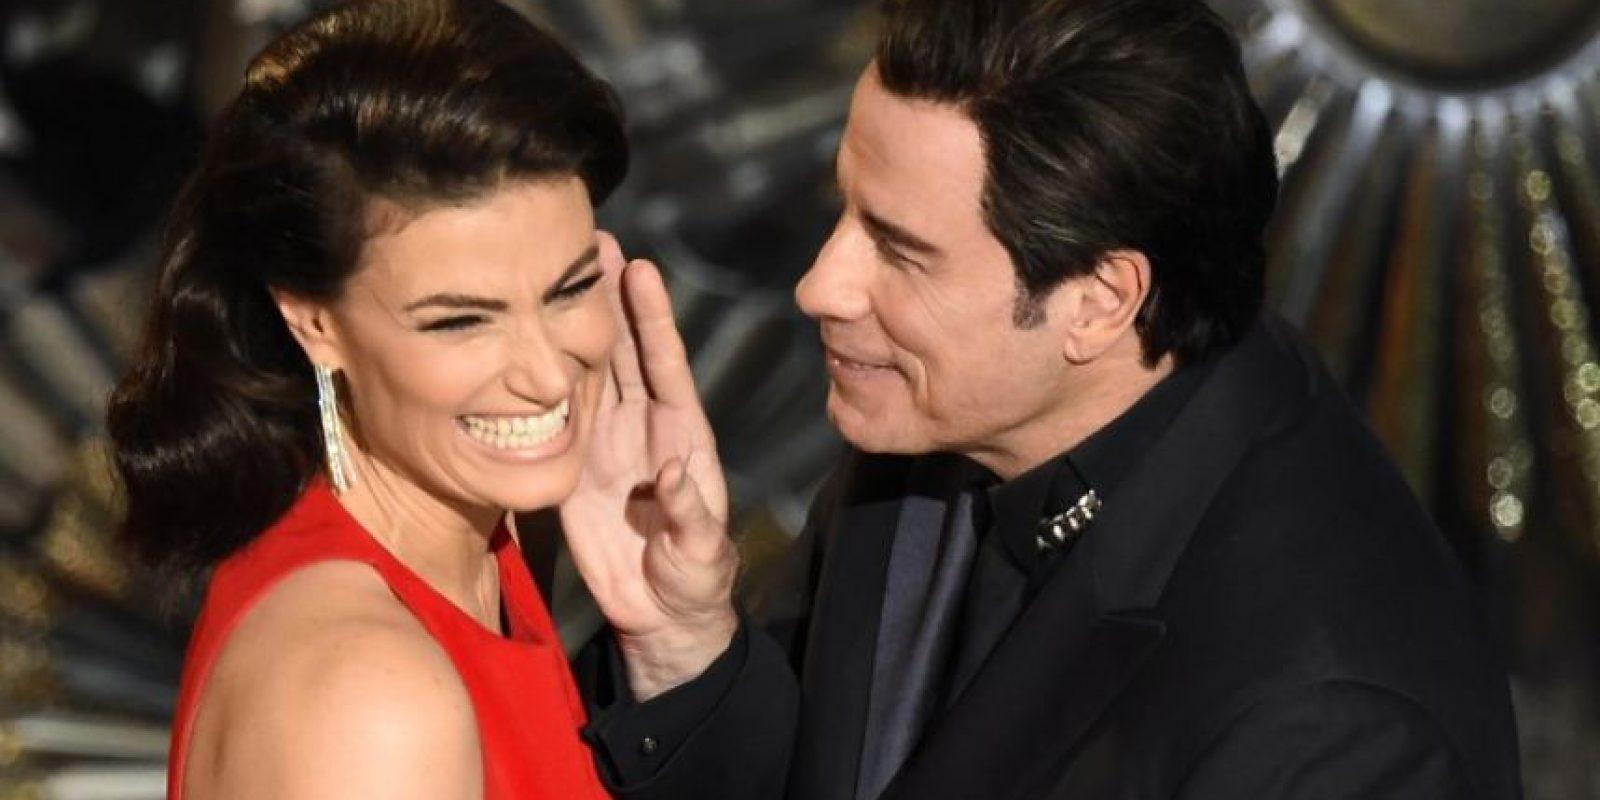 """John Travolta e Idina Menzel en el escenario del Teatro Dolby, en la presentación de los Premios Oscar. Travolta pronunció mal el nombre de Menzel durante la ceremonia de 2014 y este año fue la """"venganza"""" de Idina Foto:AFP"""